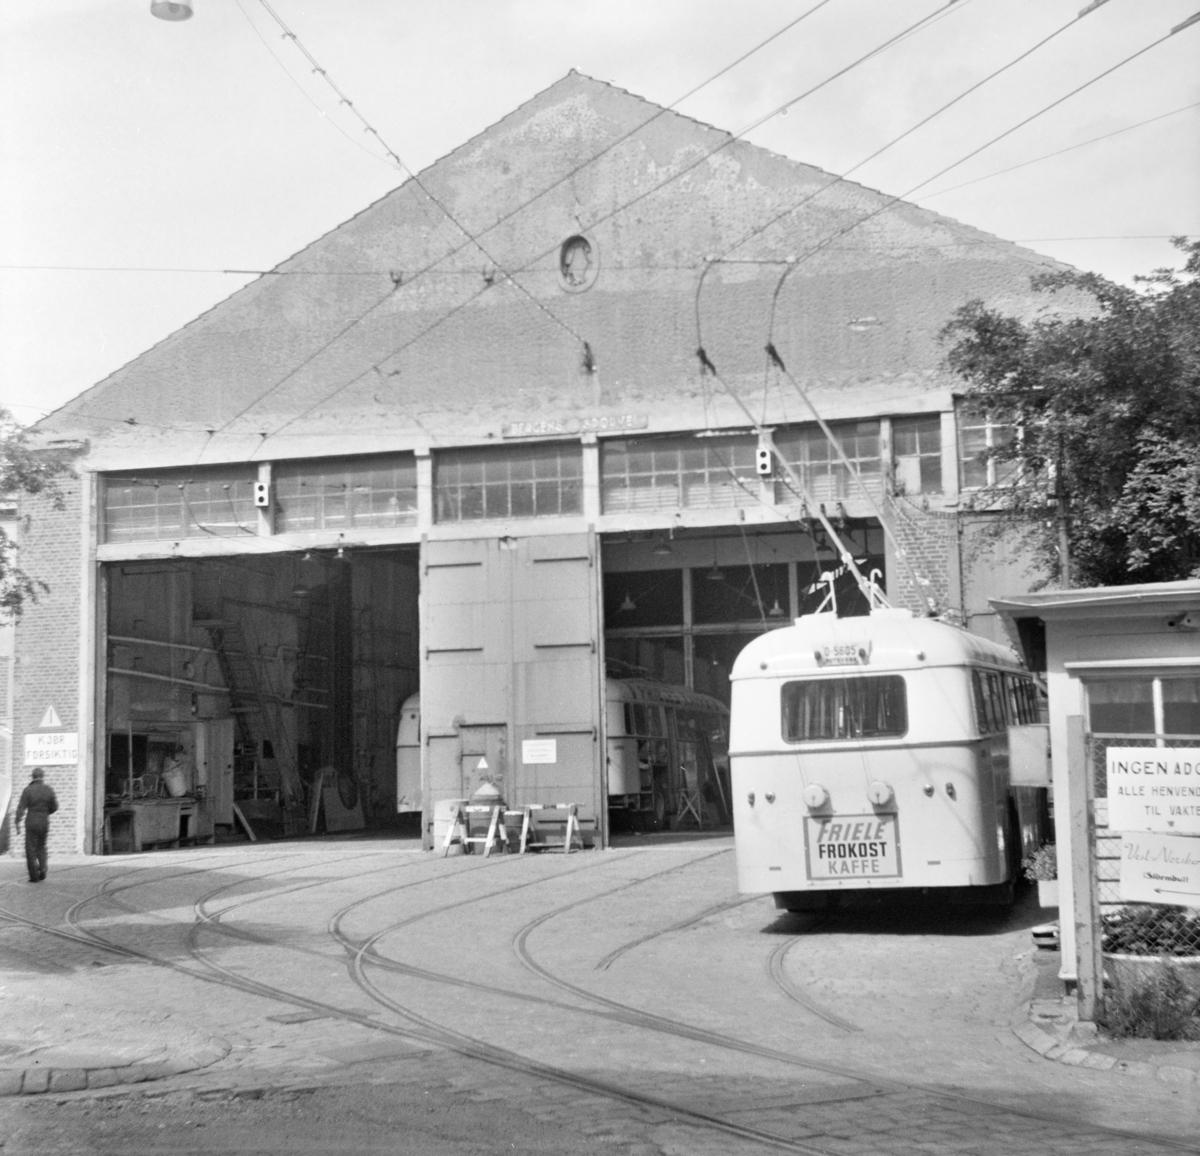 Bergen Sporveiers trikkestall er gjort om til garasje for trolleybusser. Trolleybyss type Munch står foran garasjen.